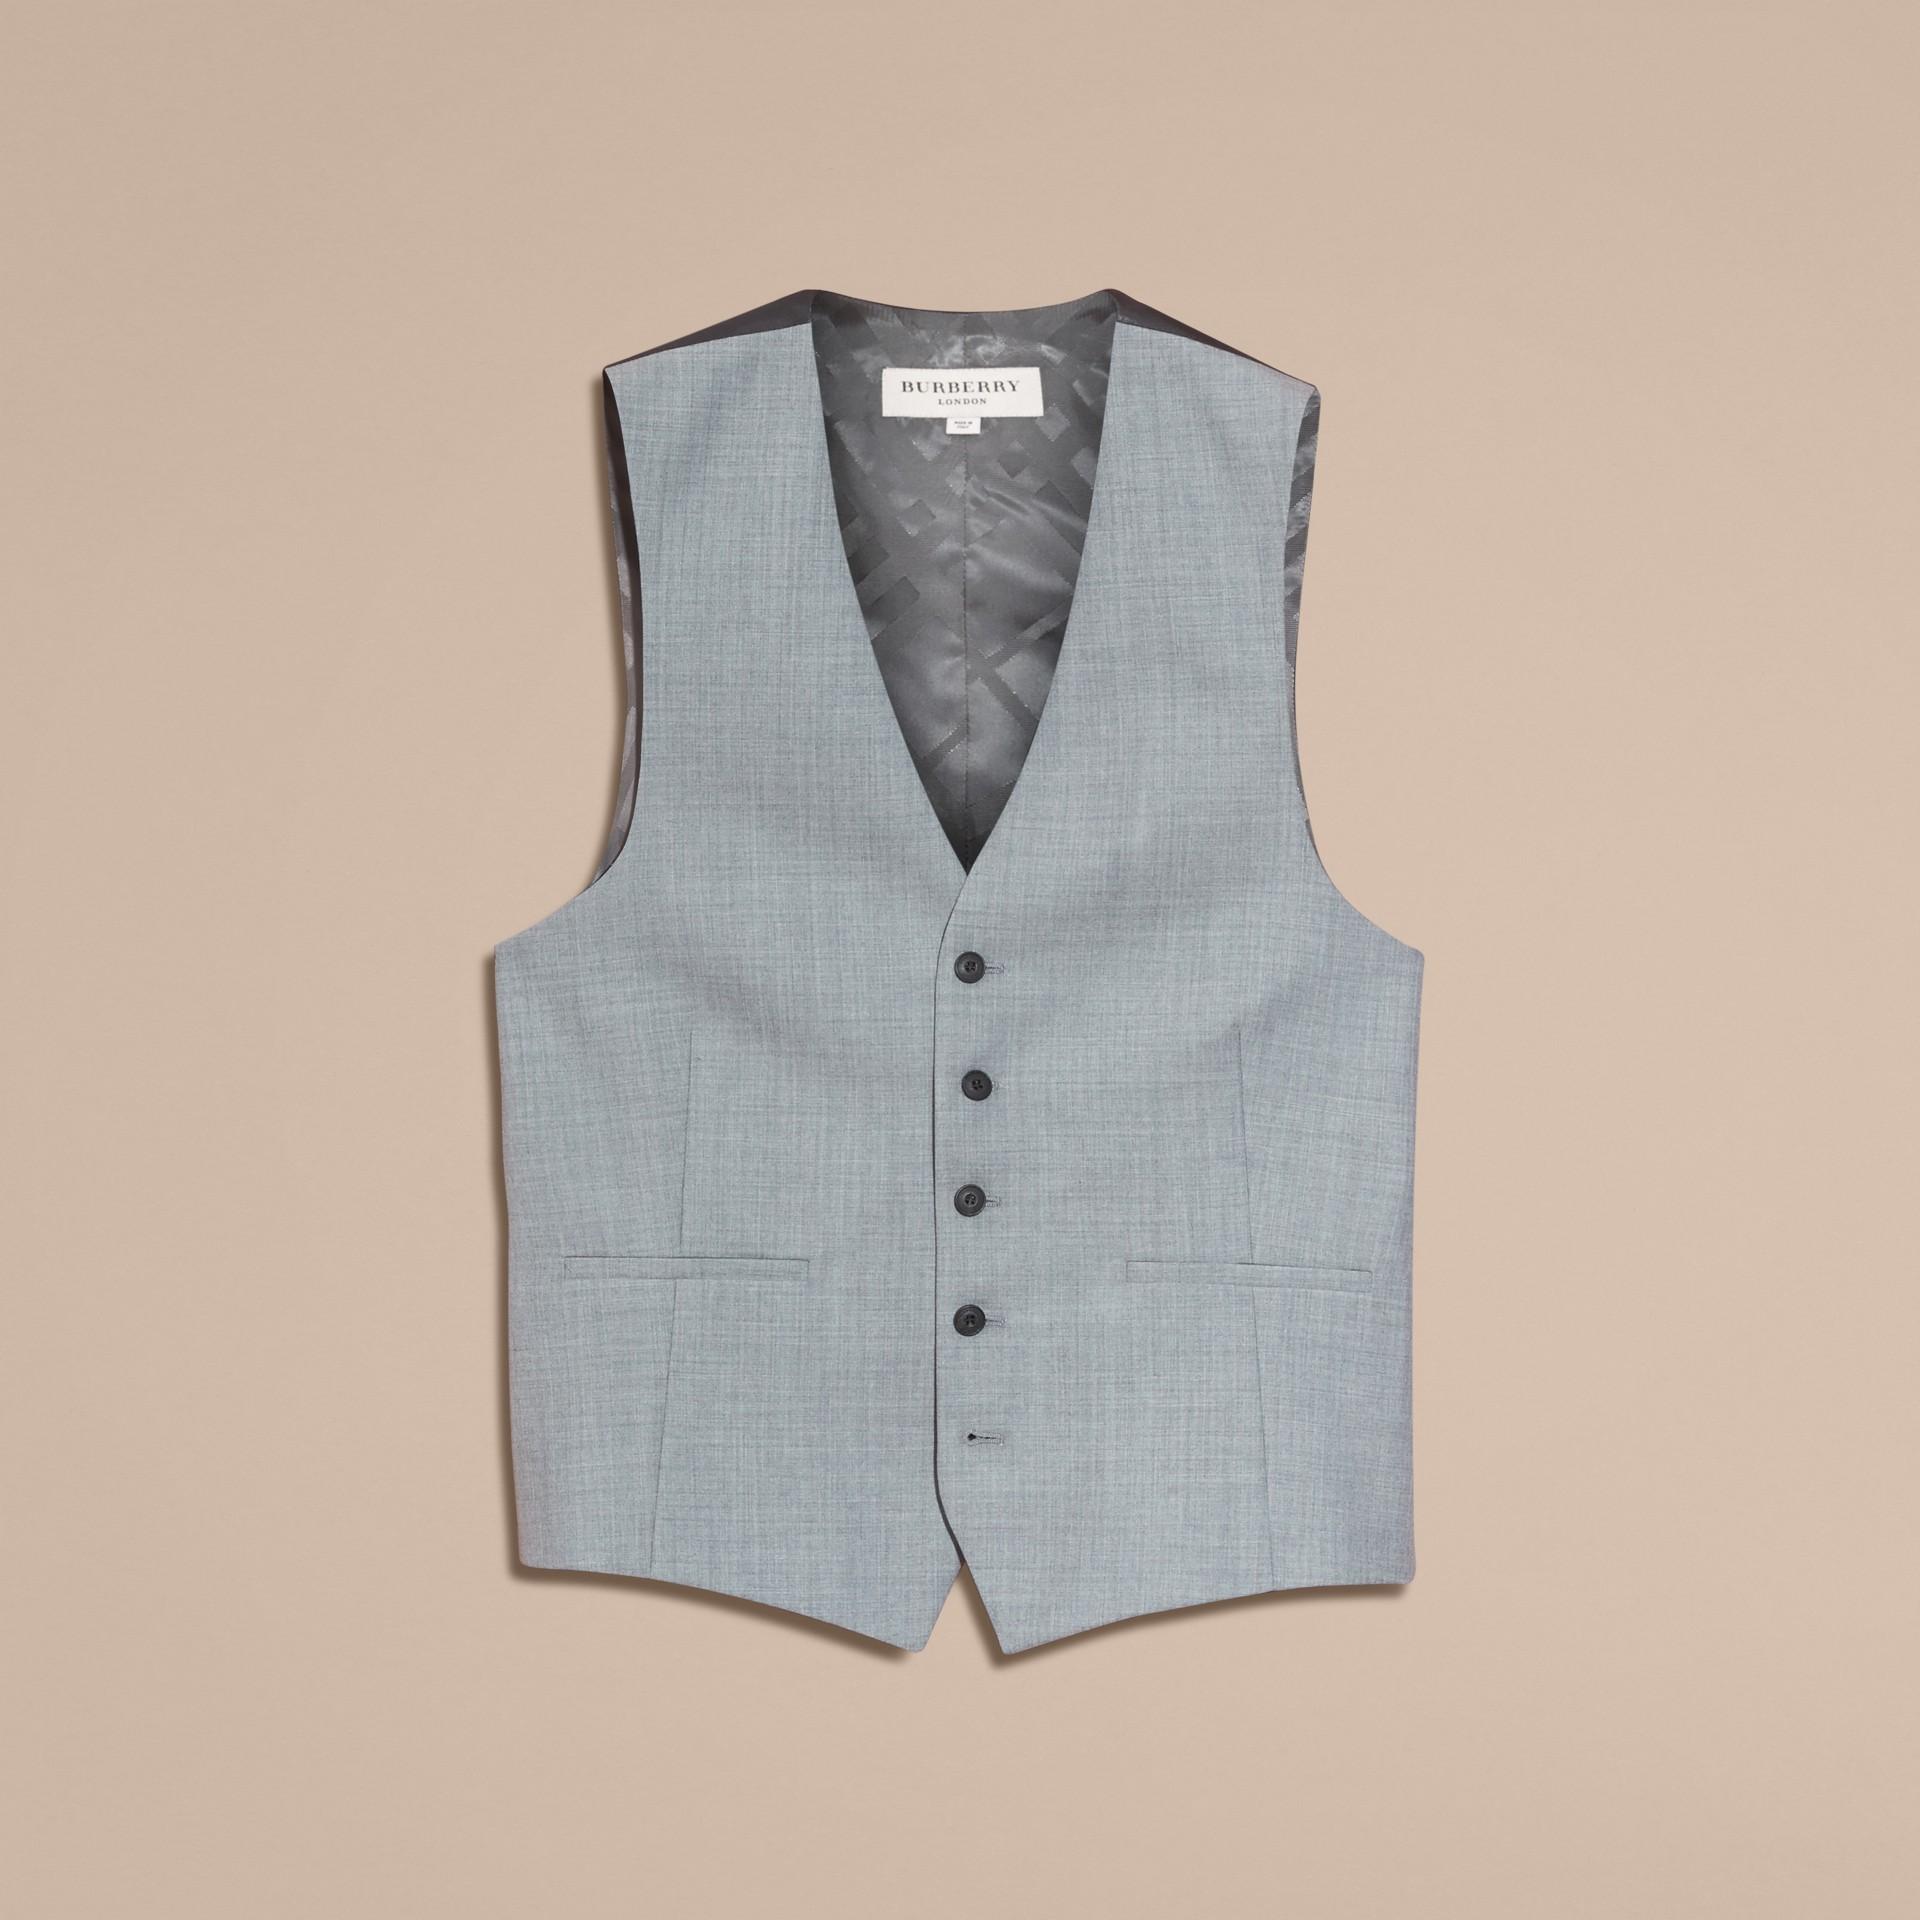 淺混合灰 現代剪裁羊毛與緞面裁片背心 - 圖庫照片 4